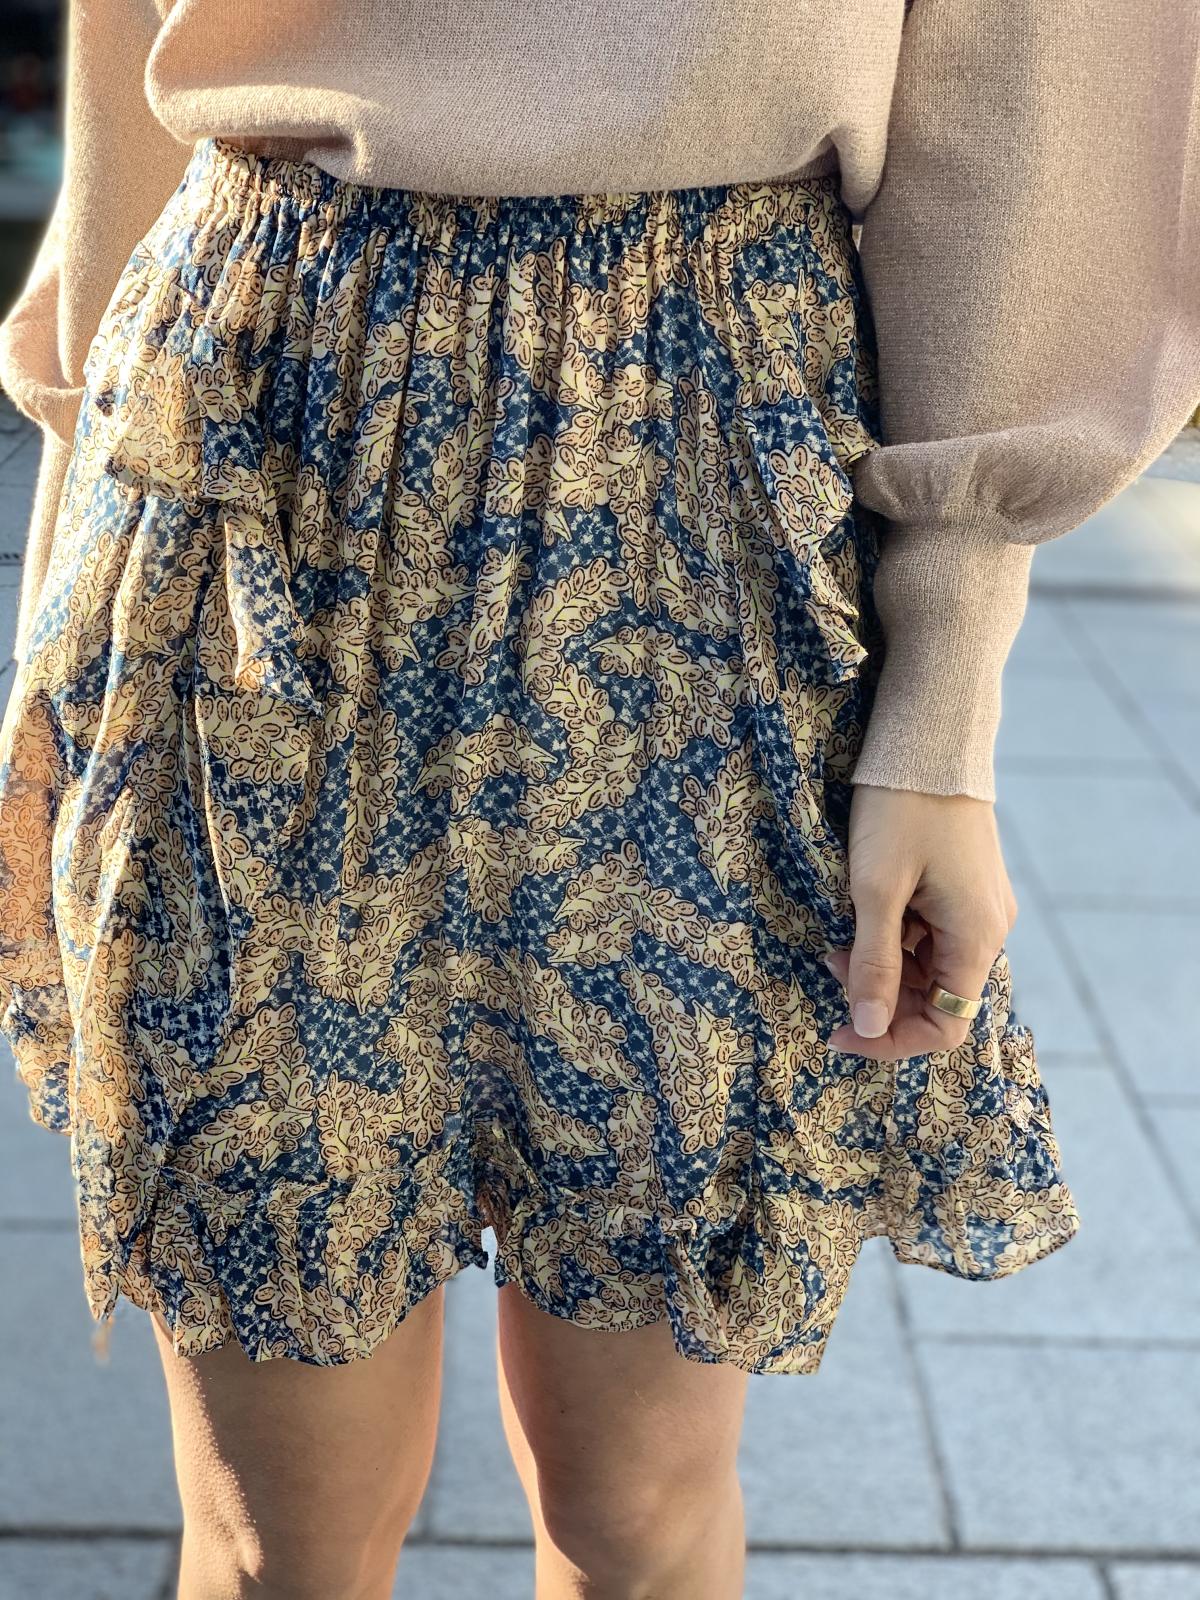 Wildly short skirt